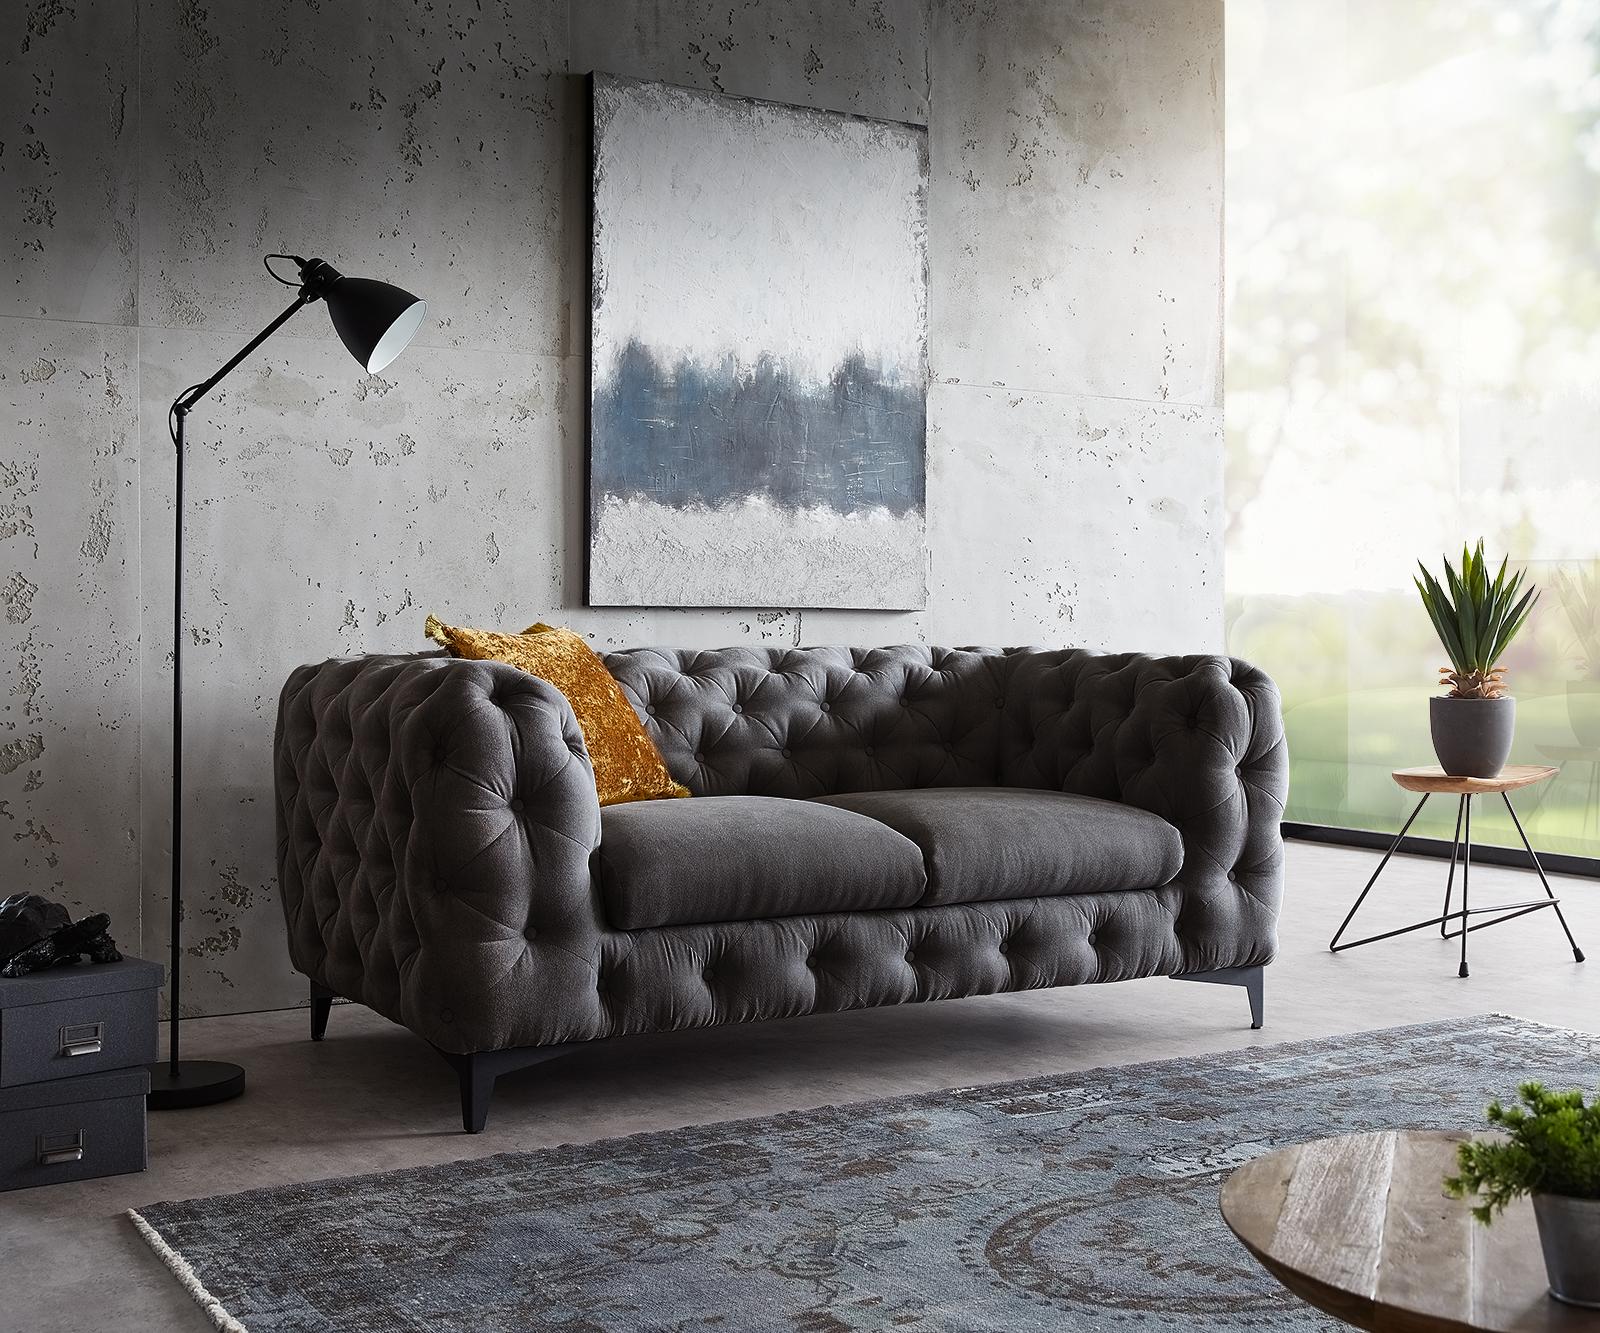 Couch Corleone 185x97 cm Schwarz 2-Sitzer Sofa